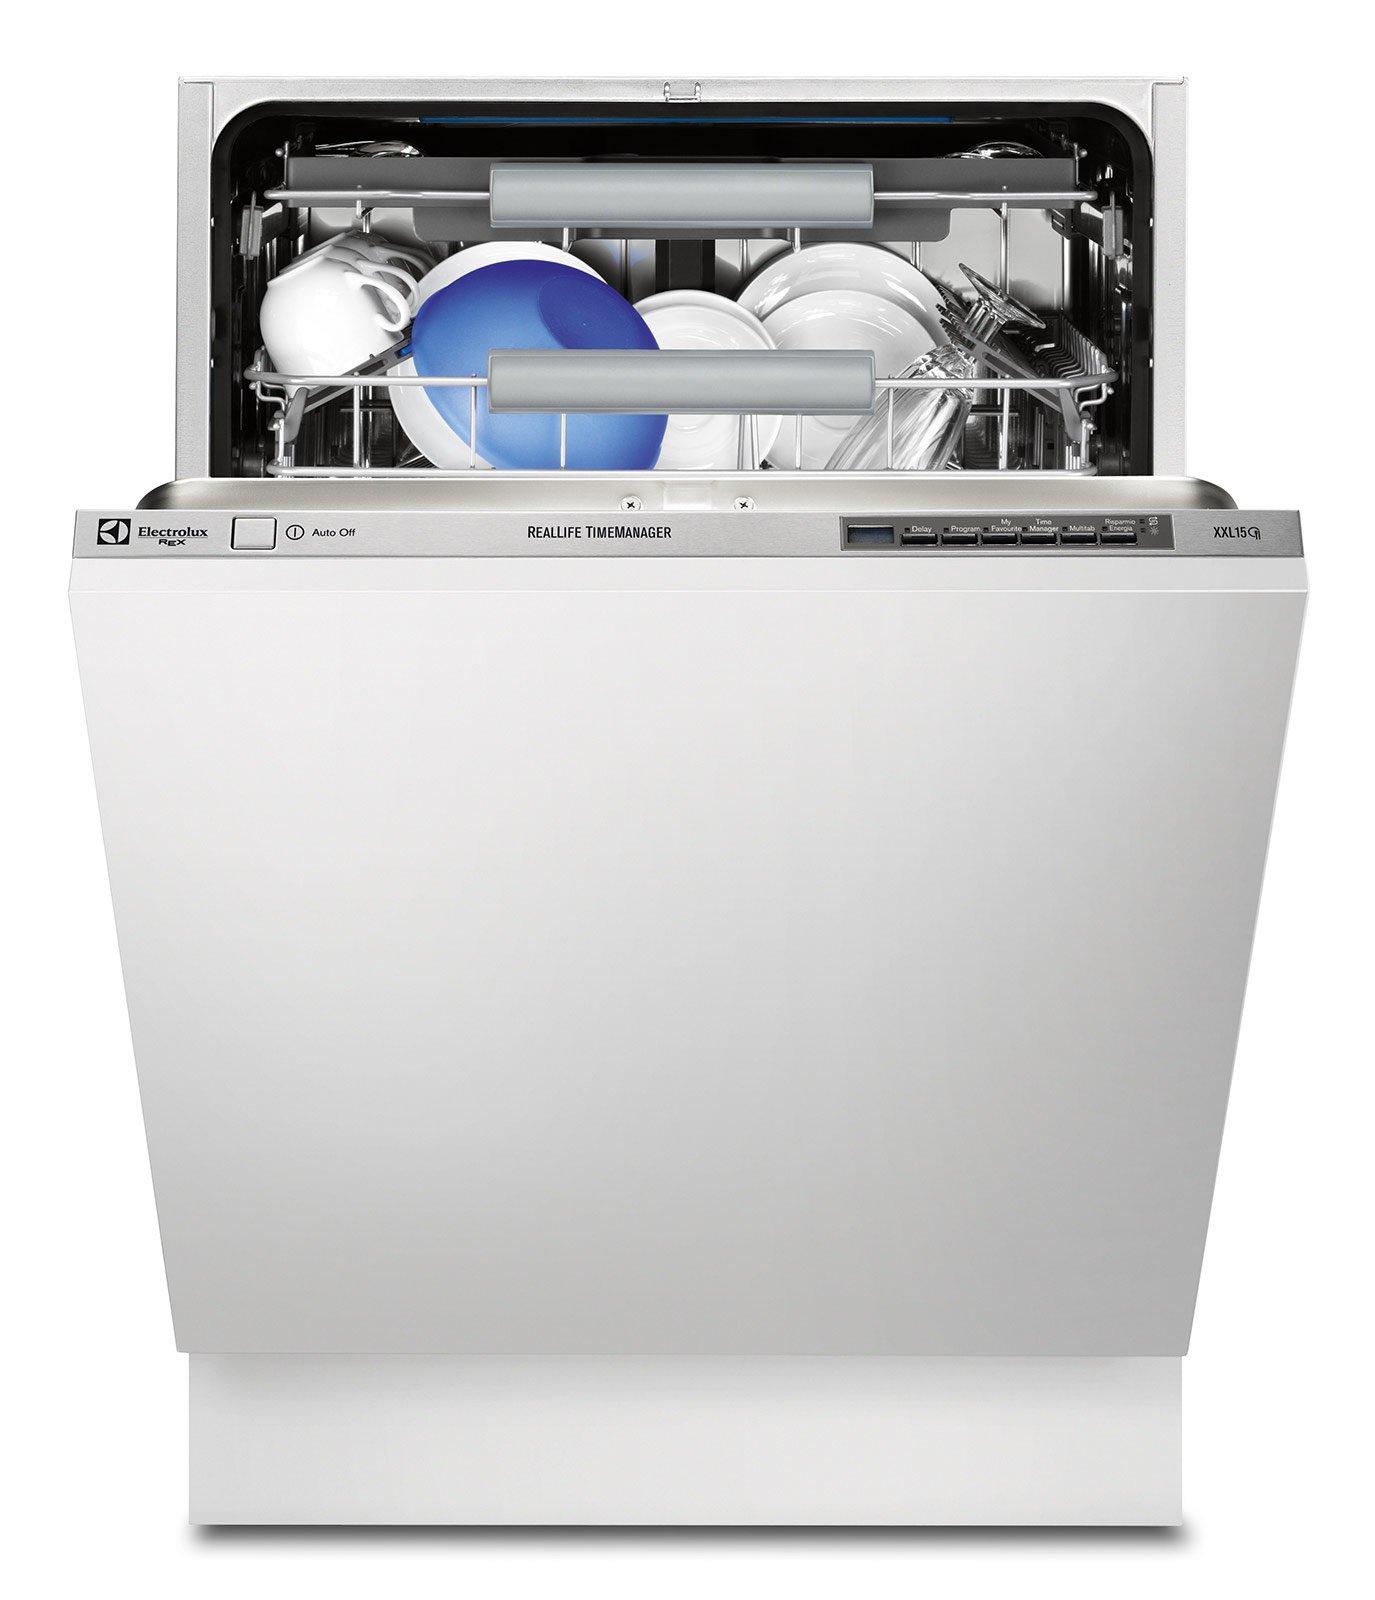 Fiera milano ftk la lavastoviglie di grande capacit e for La lavastoviglie